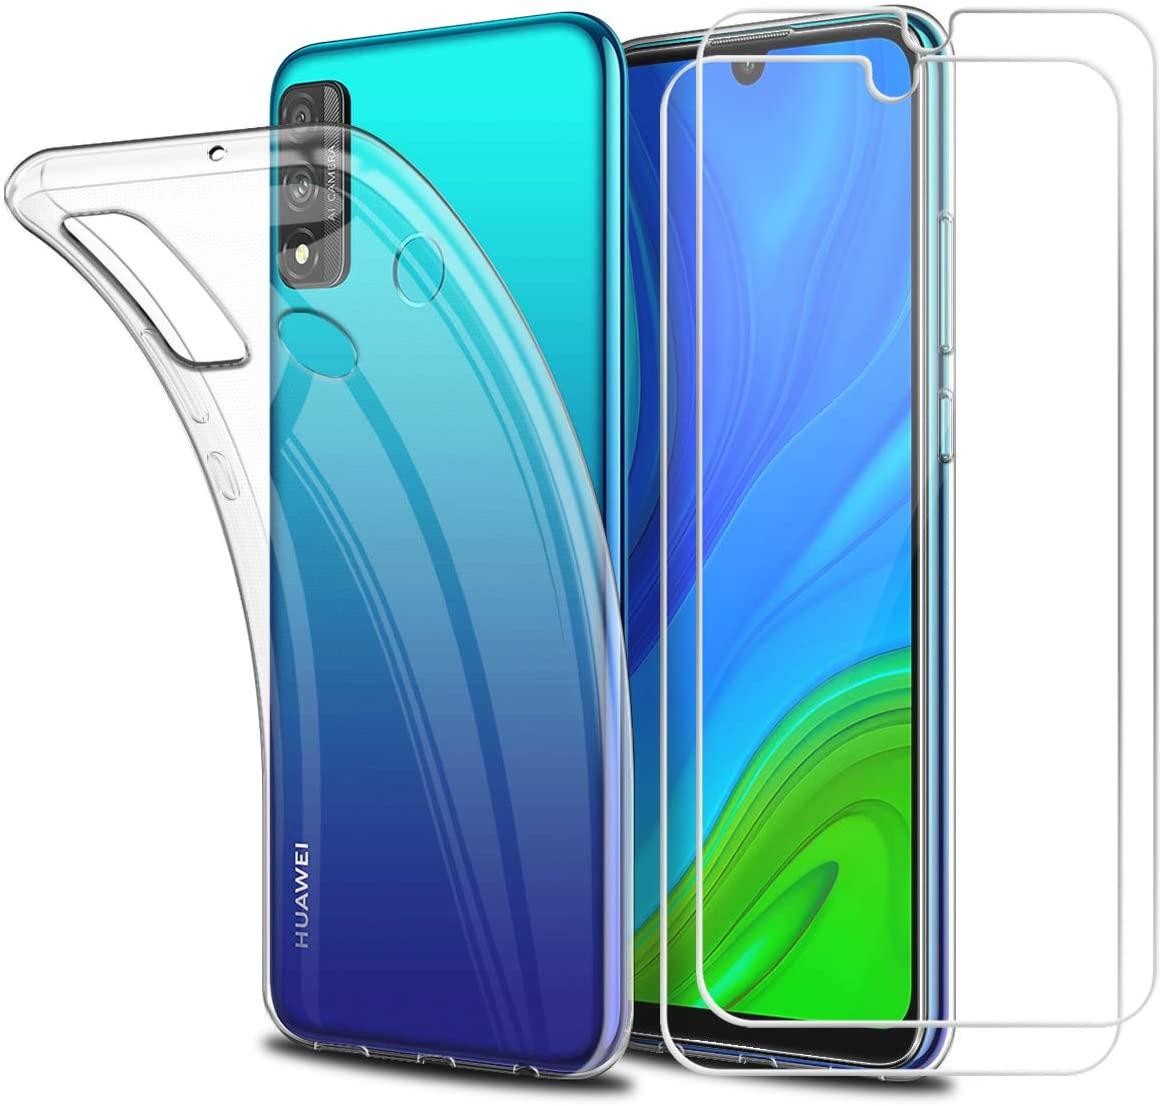 Coque Silicone Transparente Pour Huawei PSMART 2020 + 2 Verres Trempe Protection Ecran Little Boutik®